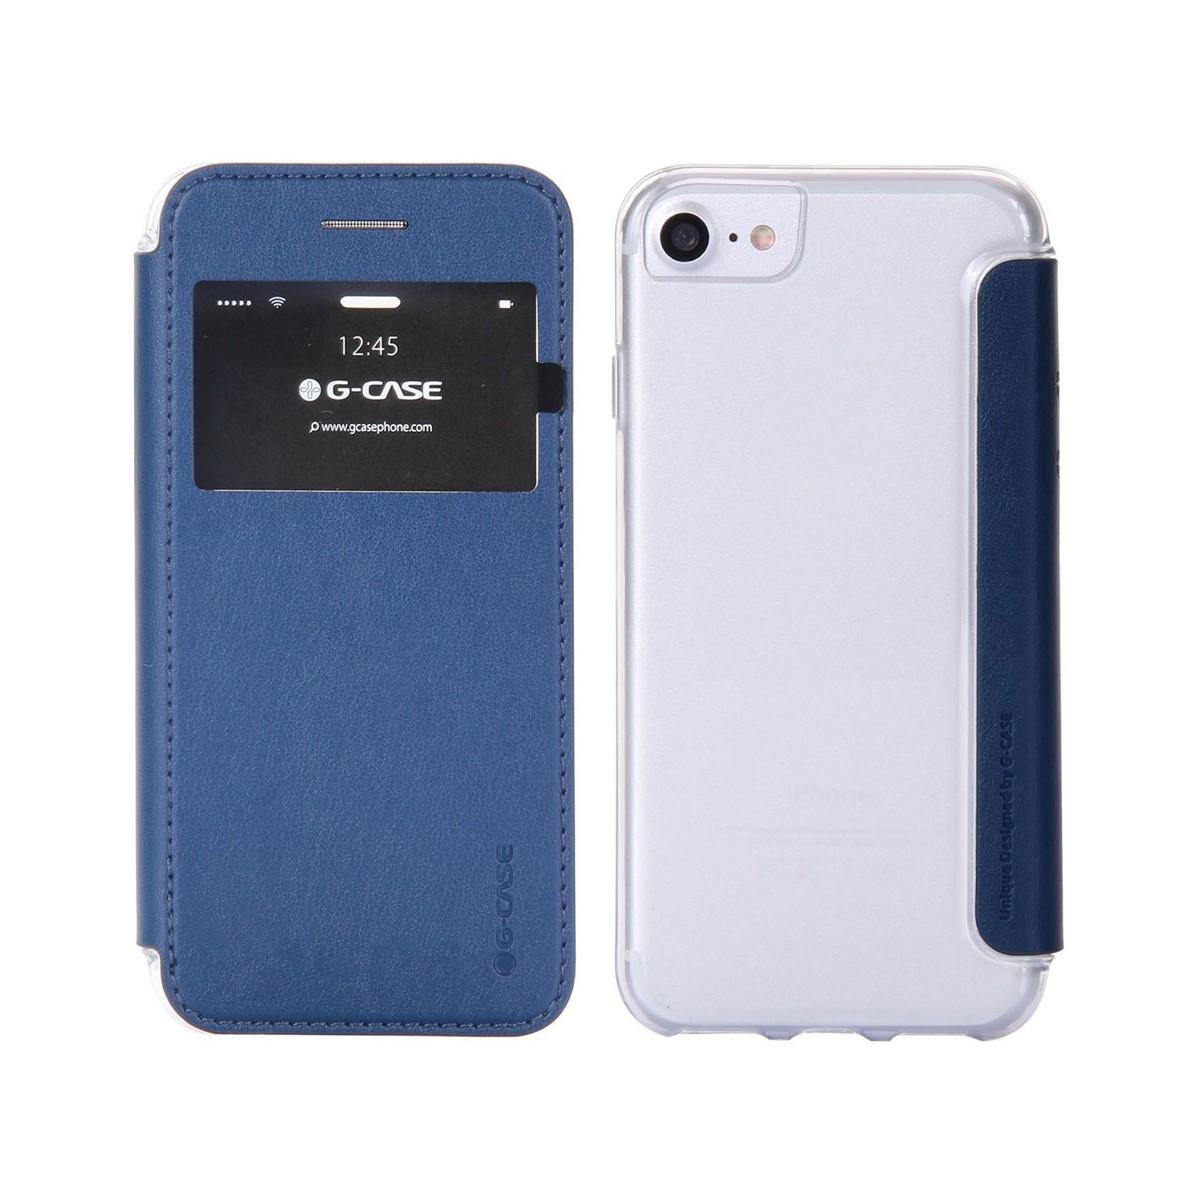 Etui iPhone 7 Bleu Nuit avec fenêtre - G-Case